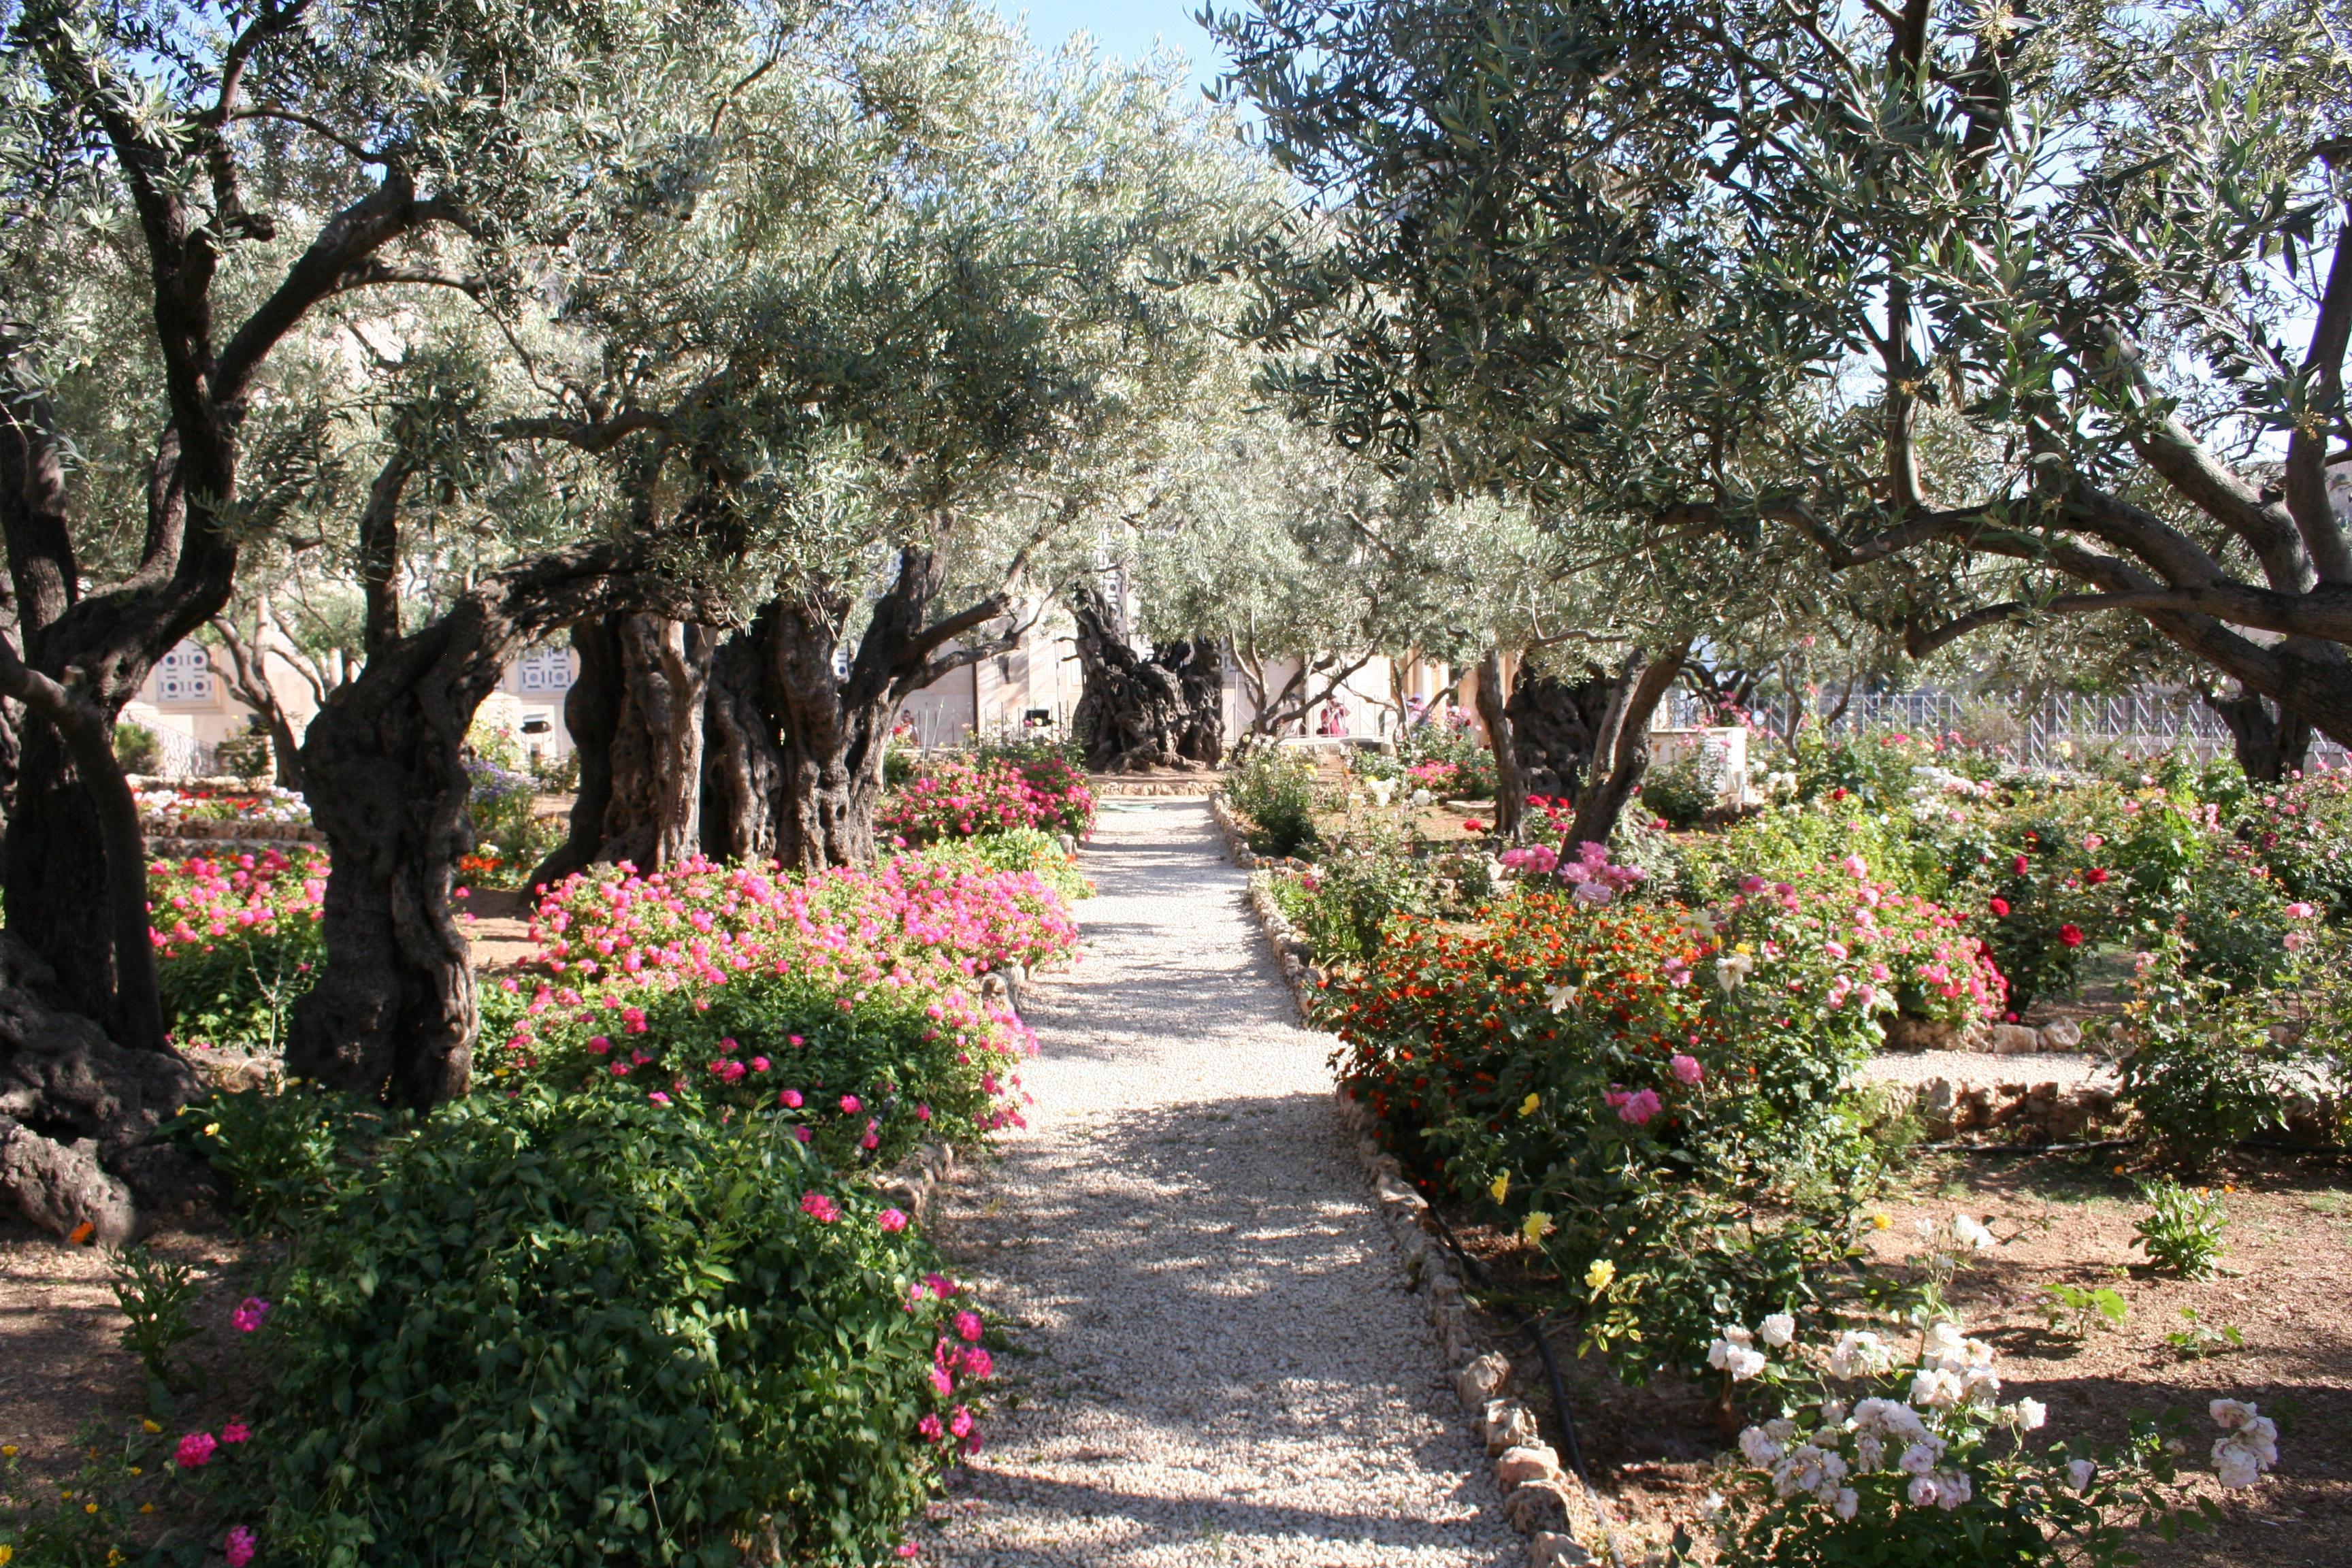 The Garden of Gethsemane by Iluvrocket on DeviantArt